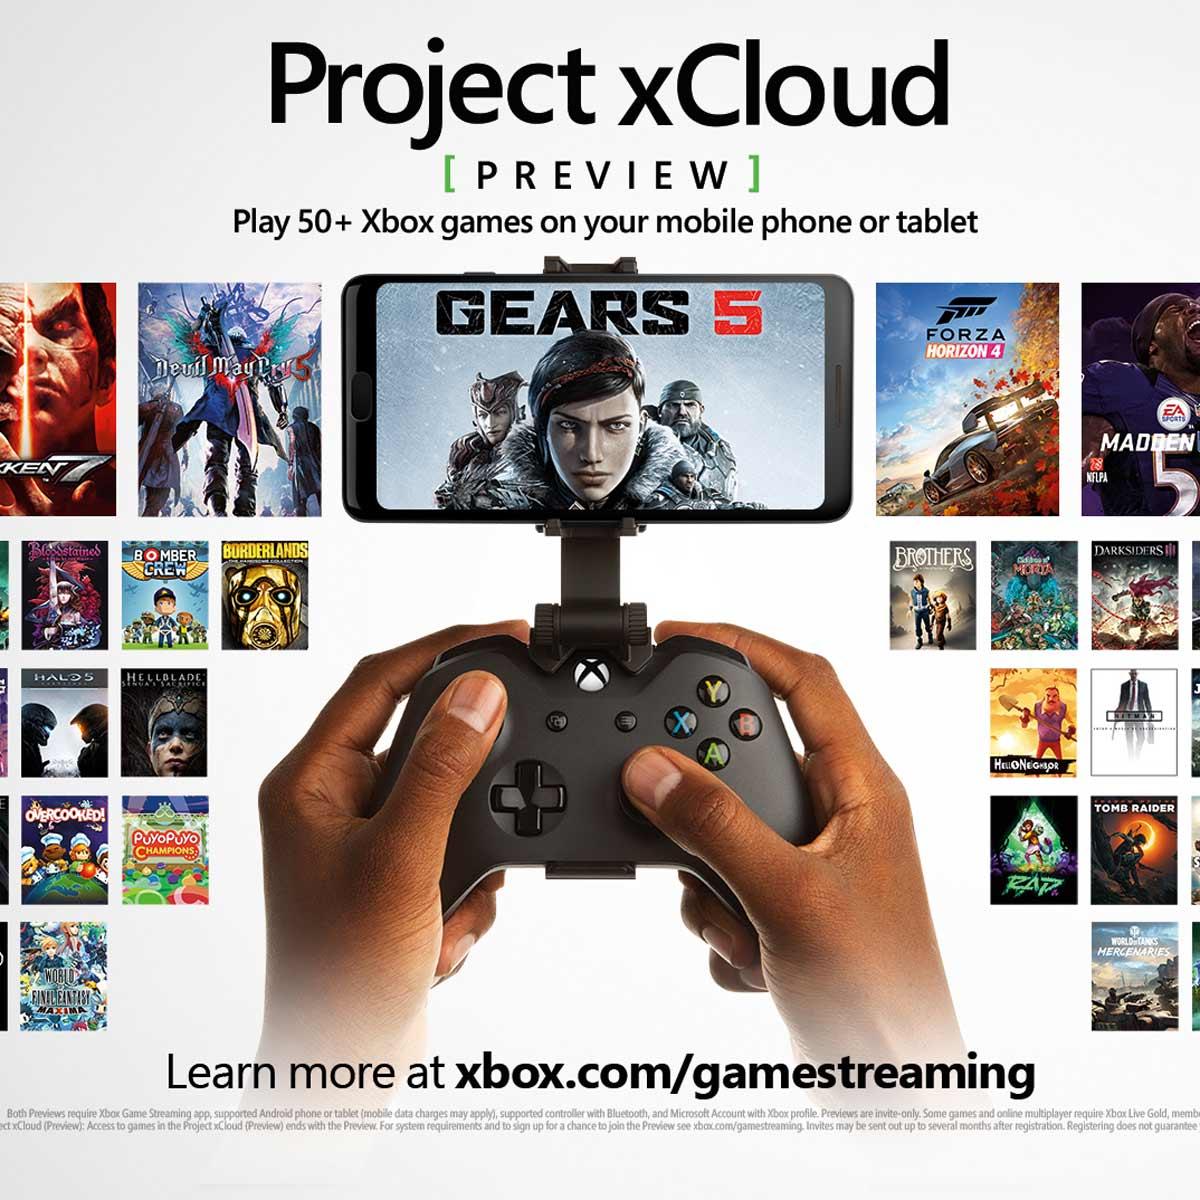 Xboxの逆襲始まる!? ゲームのストリーミングサービスで1歩先へ